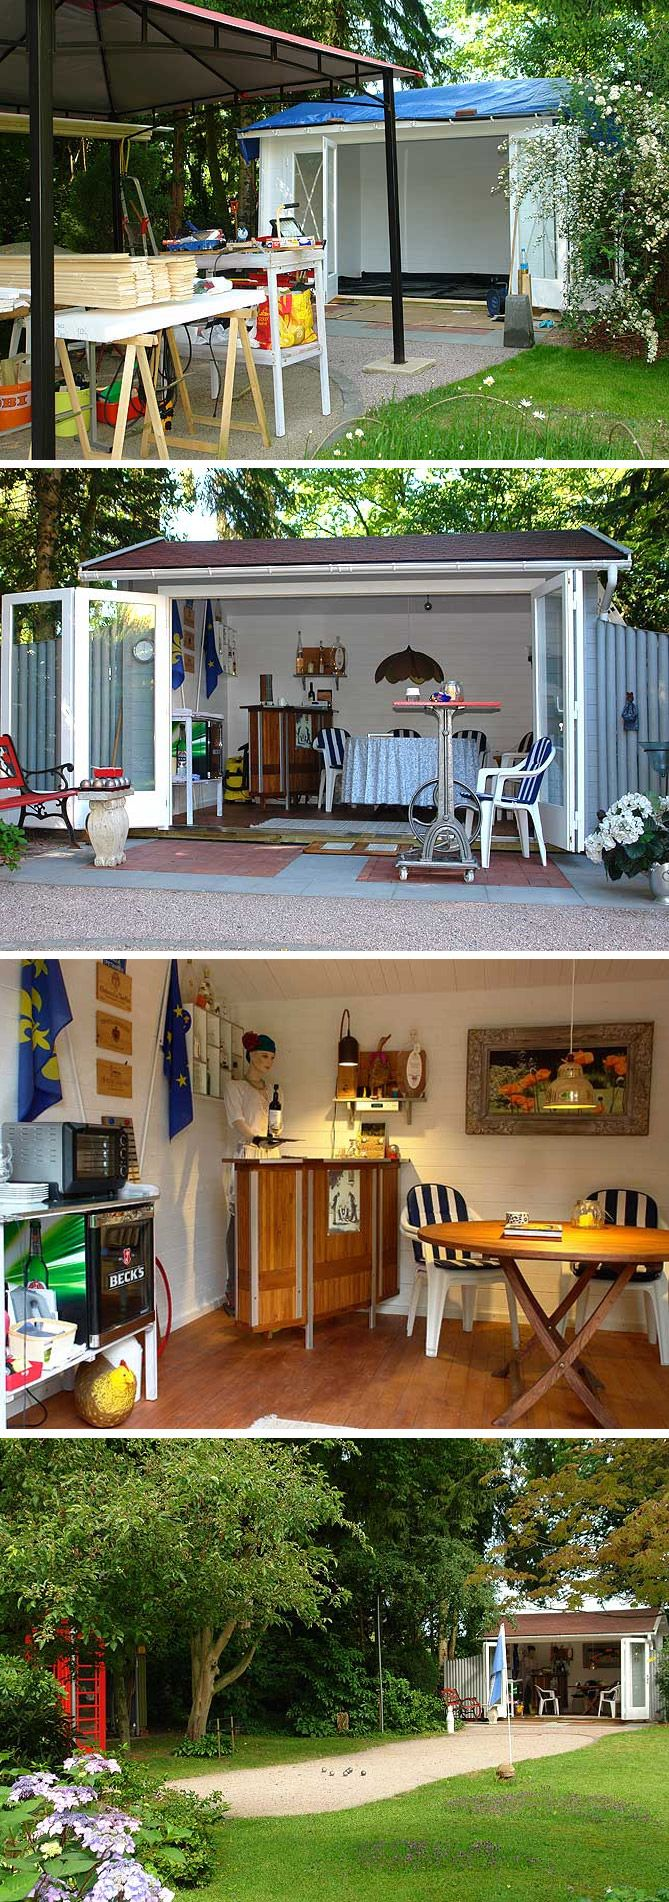 Unser Kunde Herr K. suchte ein Gartenhaus, das zum Clubhaus eines Boule-Clubs werden sollte. Wir zeigen den Aufbau, die gemütliche Einrichtung und das fertige Clubhaus: bei Tag, bei Nacht und in verschiedenen Jahreszeiten.